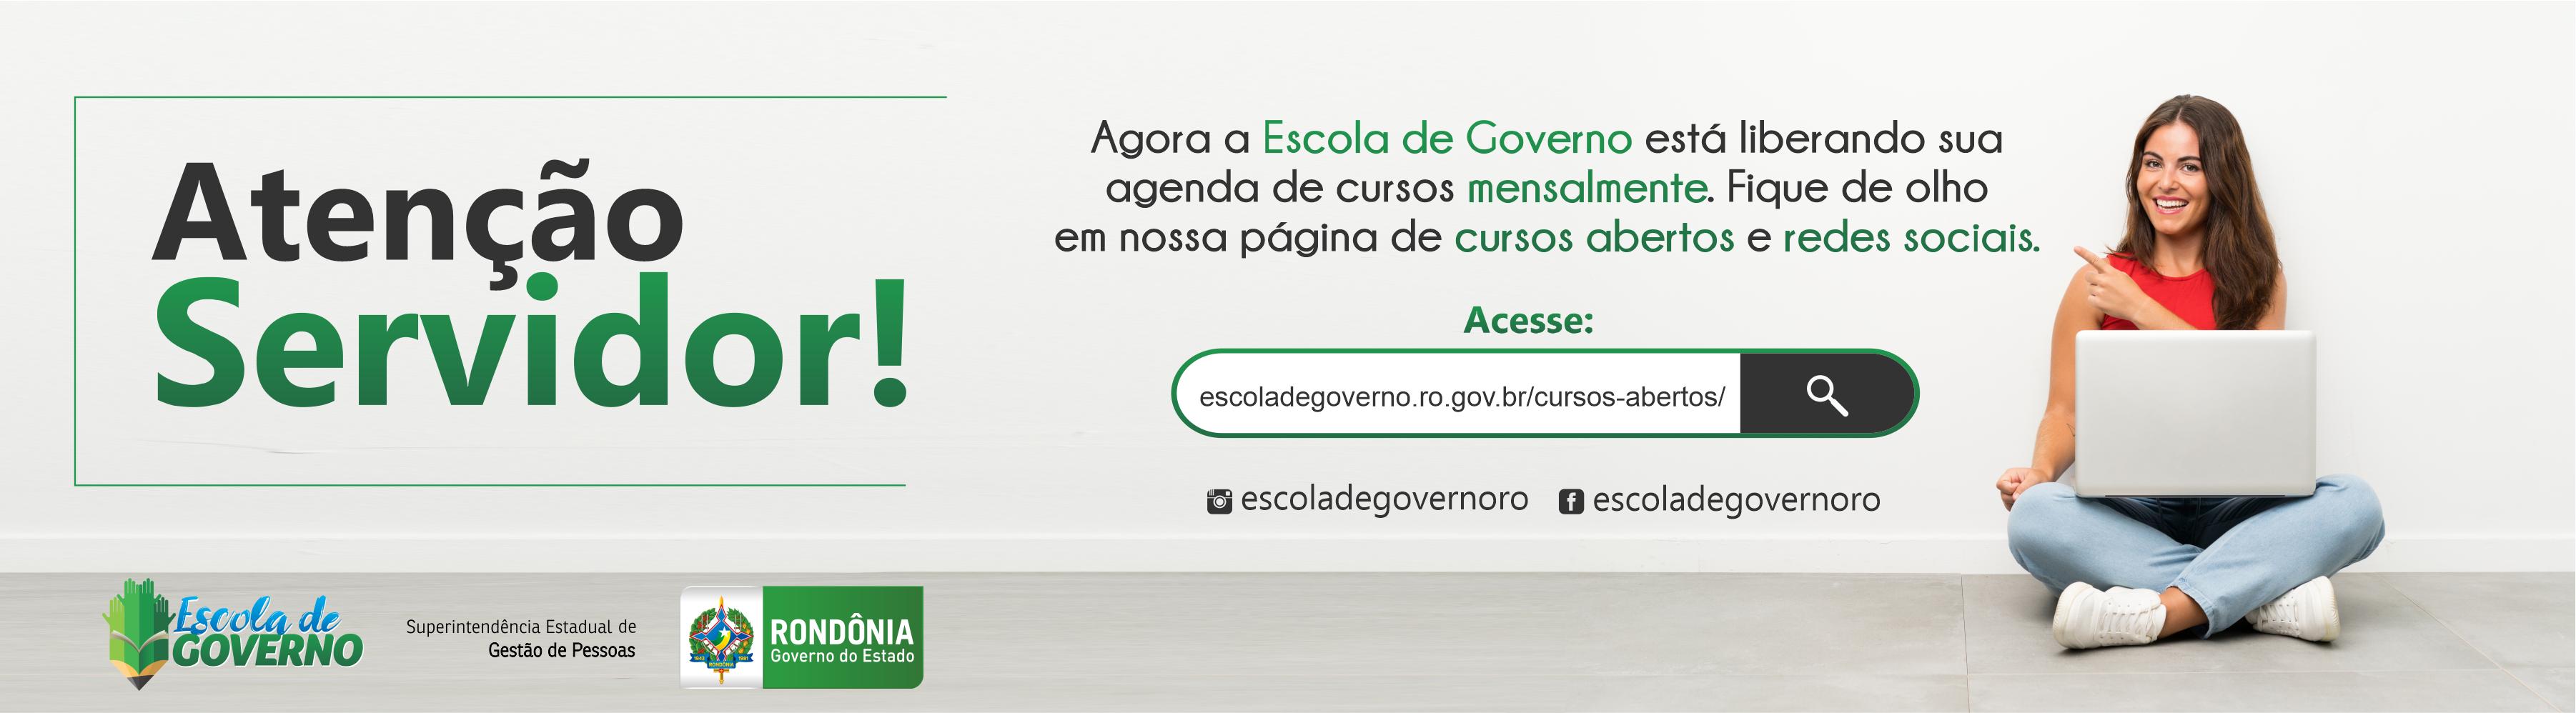 Escola de Governo